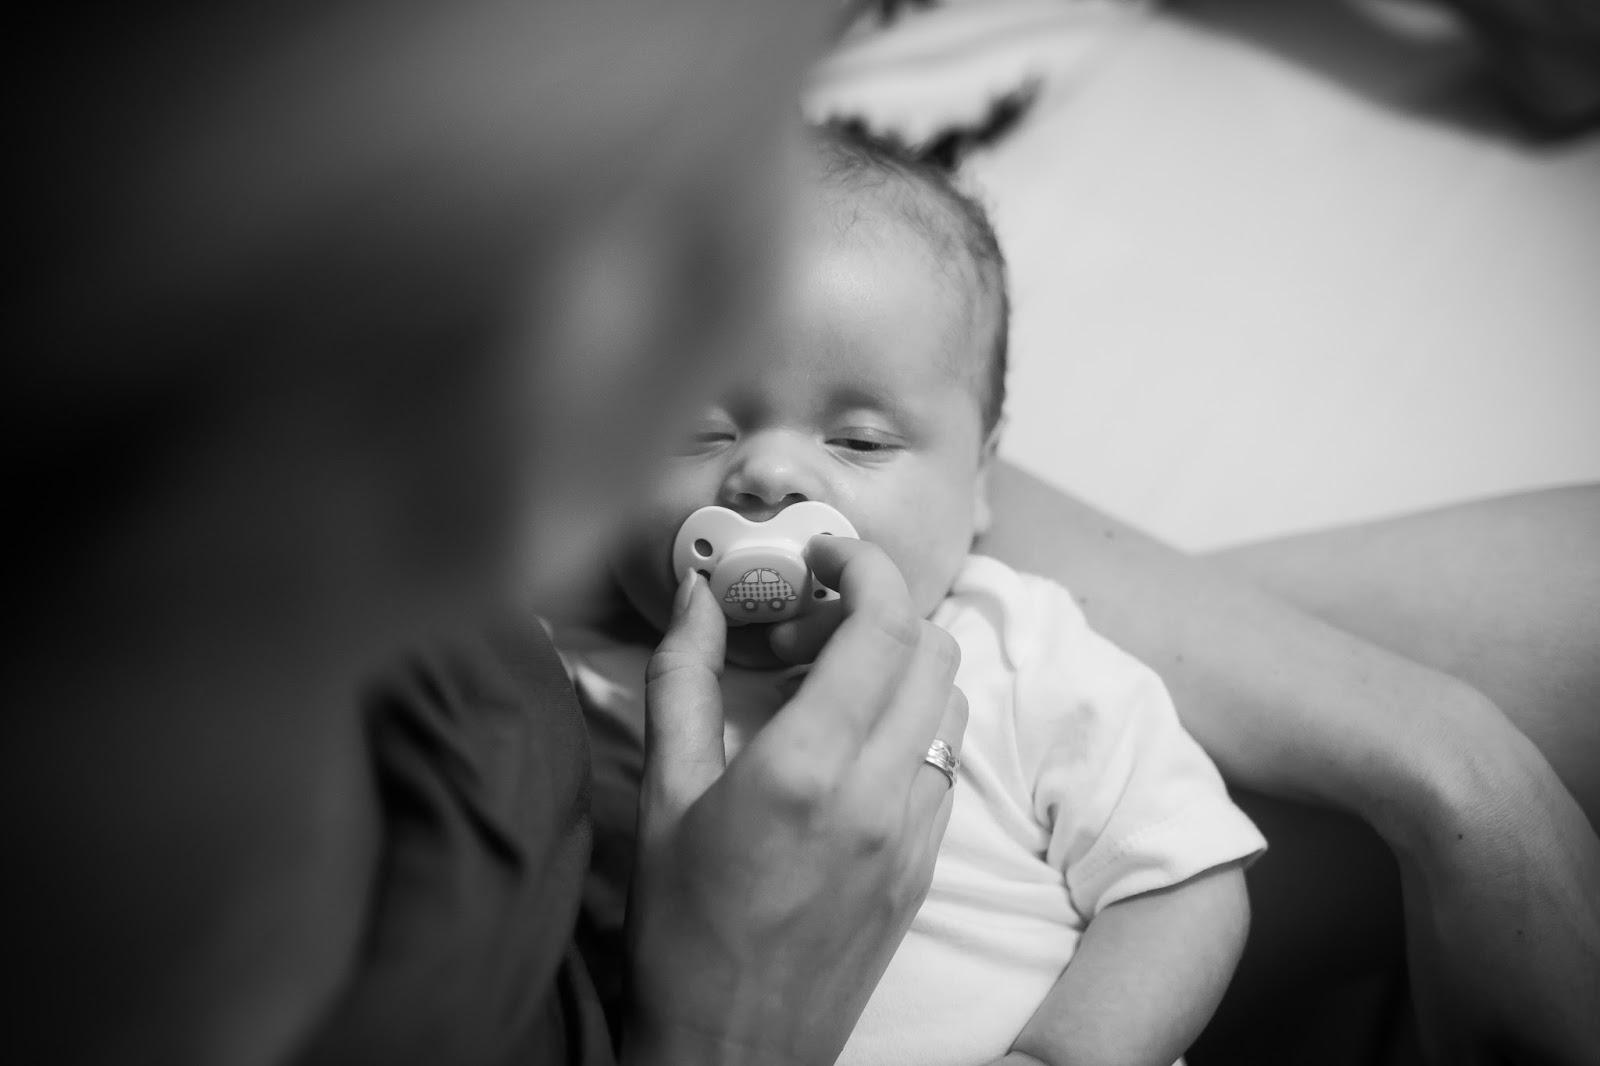 katar u niemowlaka dziecko